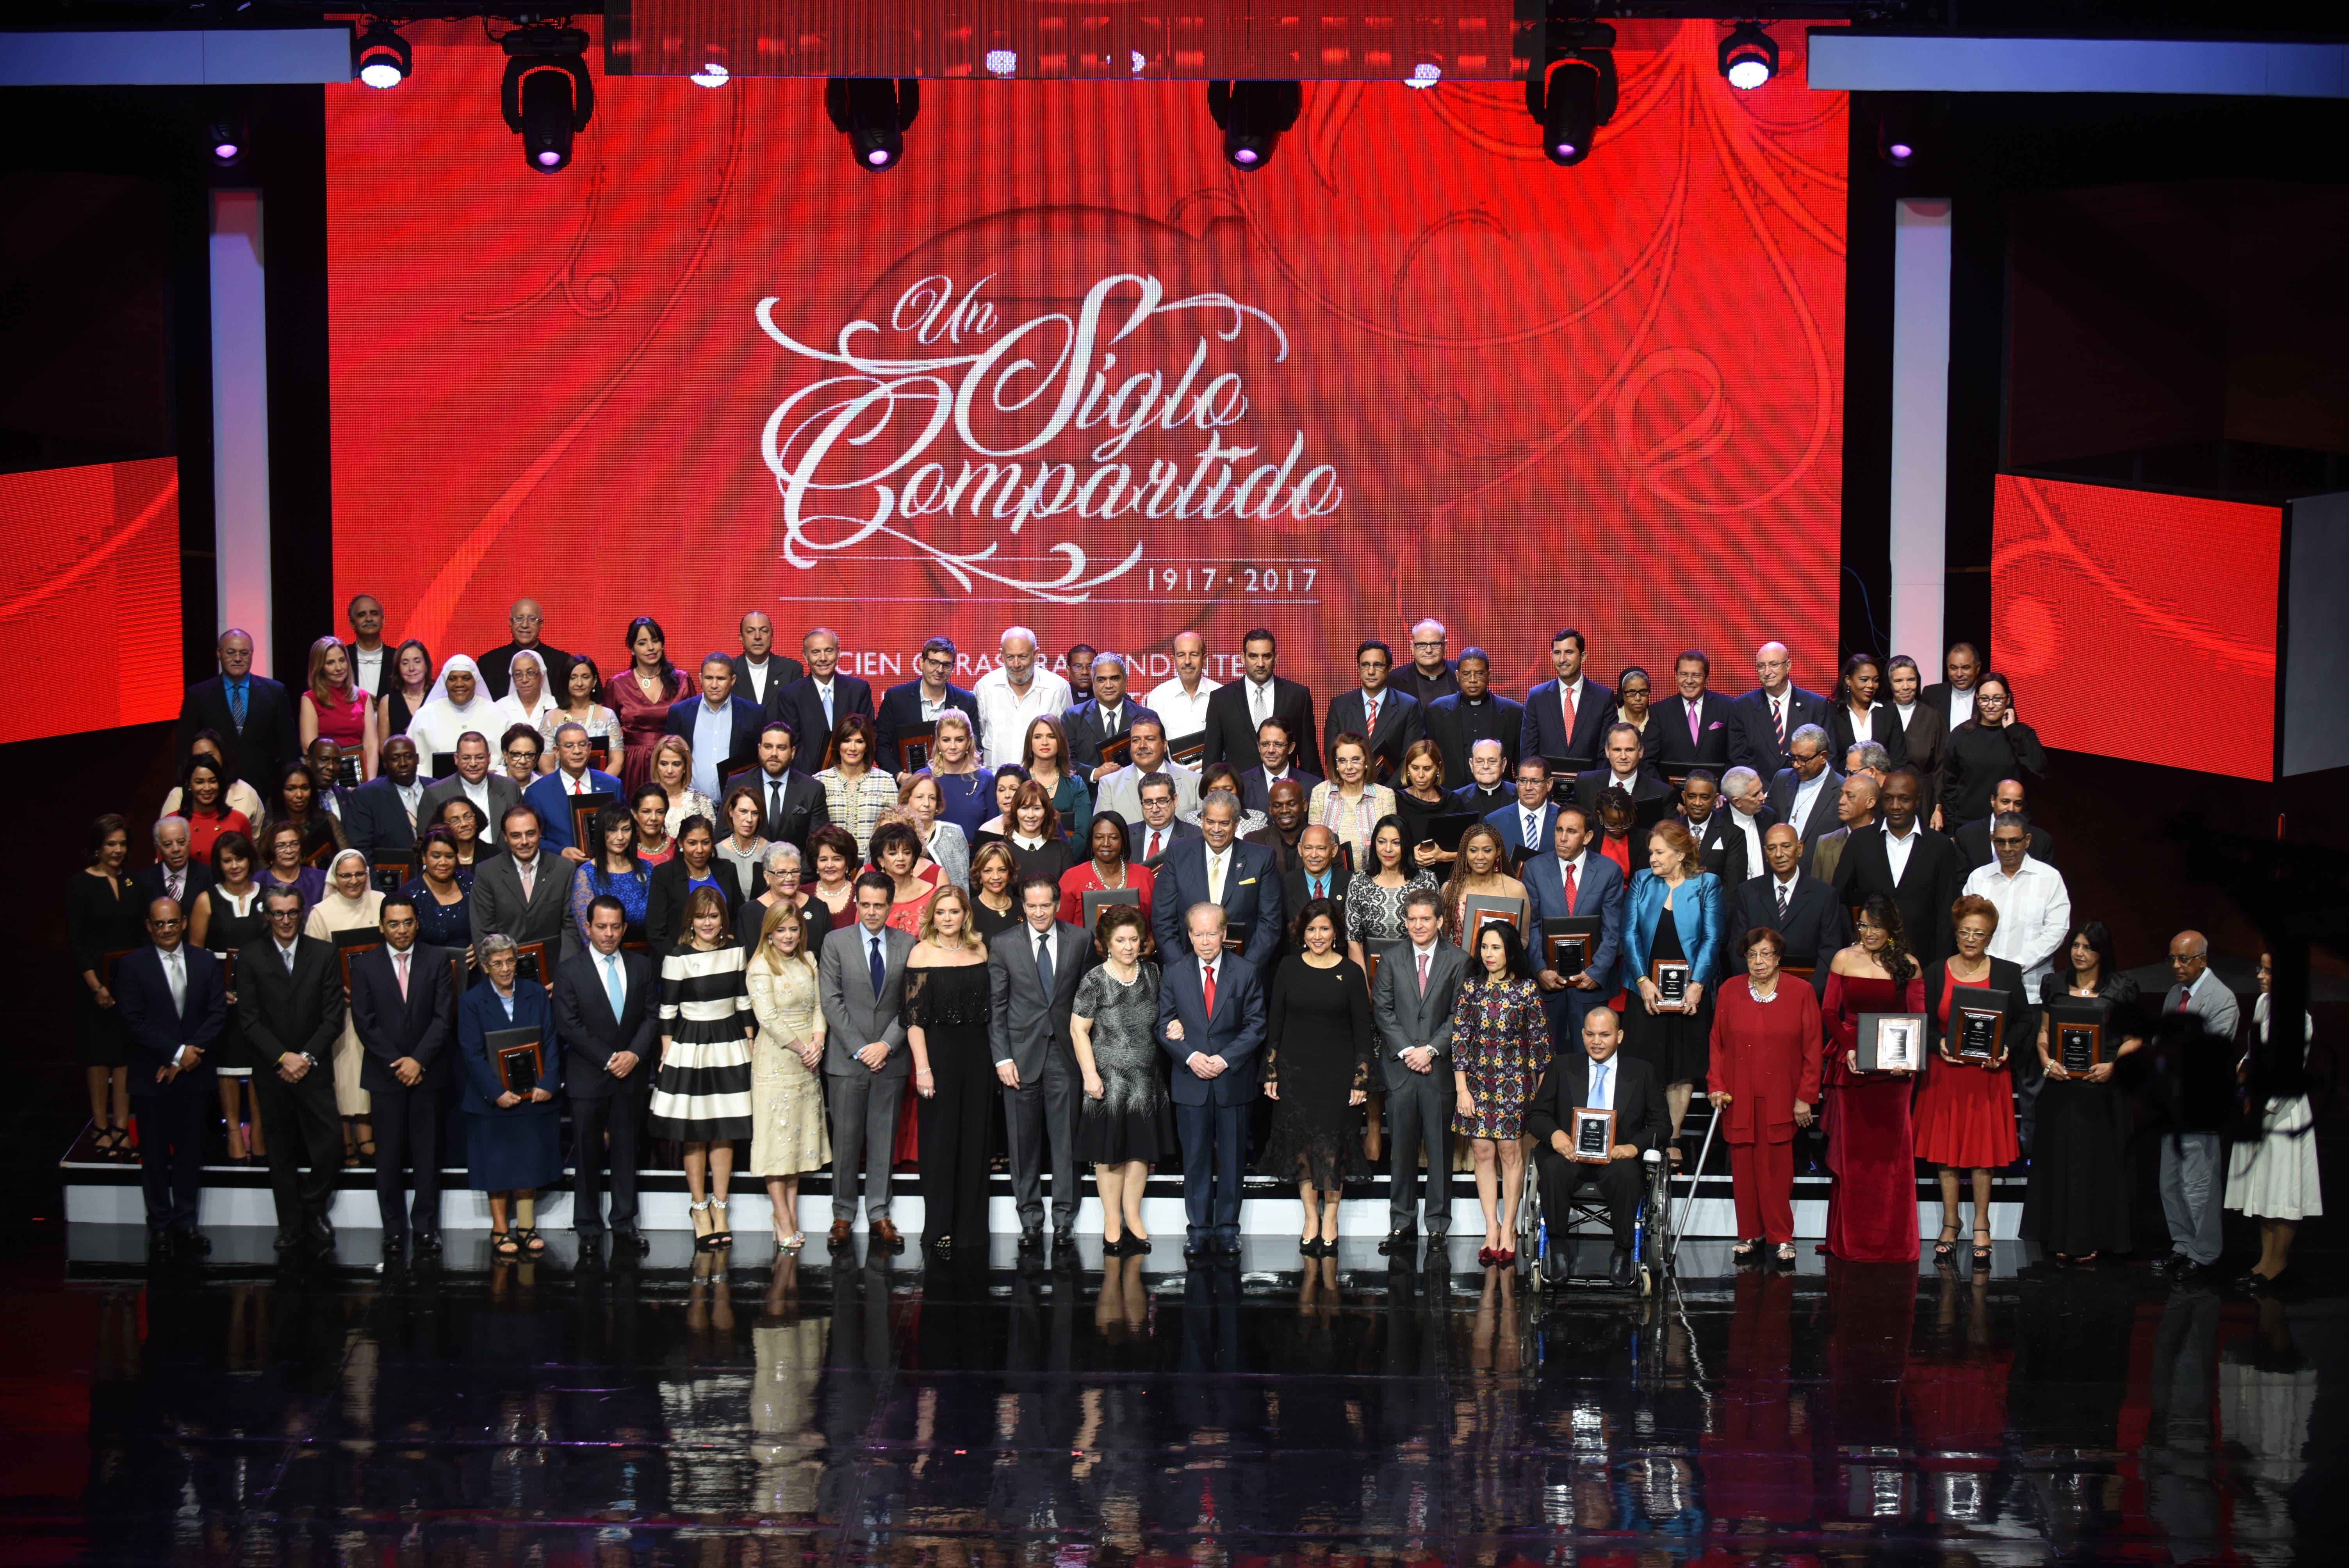 Fundación Corripio y familia Corripio premian labor de 100 instituciones del país. Foto: Arismendy Lora